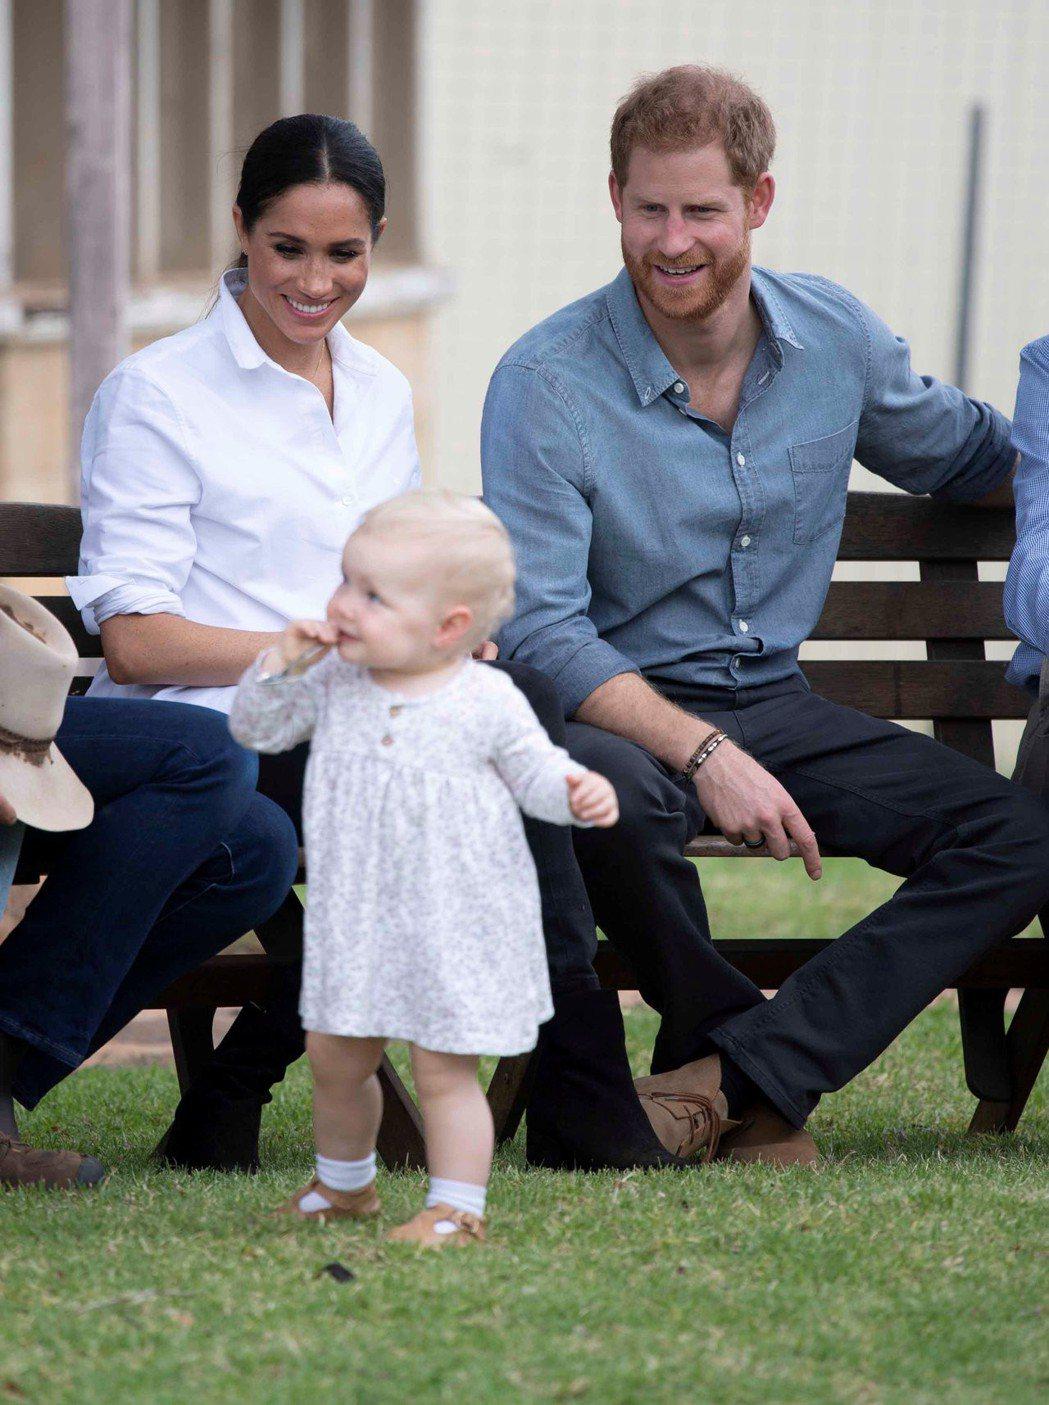 梅根與哈利在澳洲拜會,見到小朋友特別開心。圖/路透資料照片